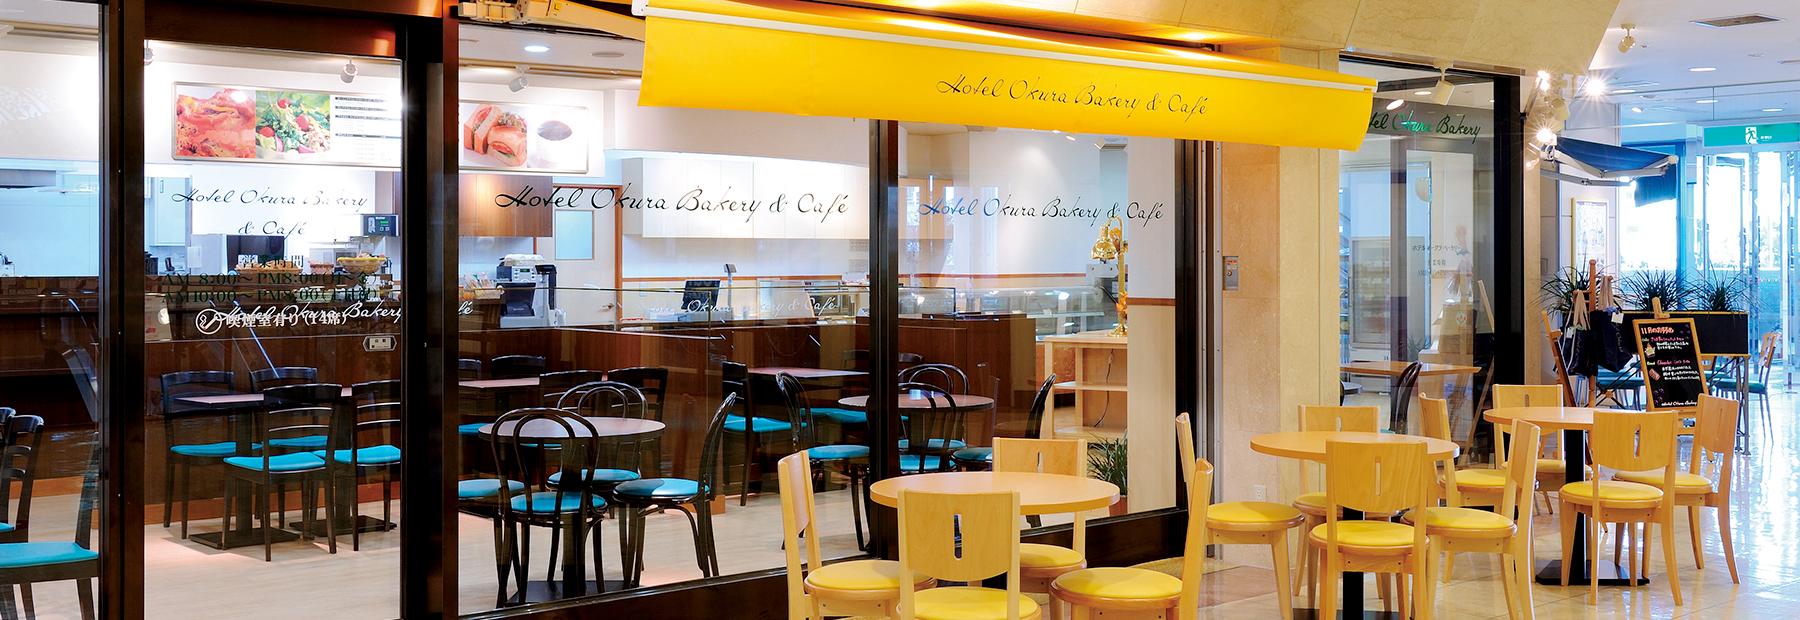 ホテルオークラ ベーカリー&カフェ